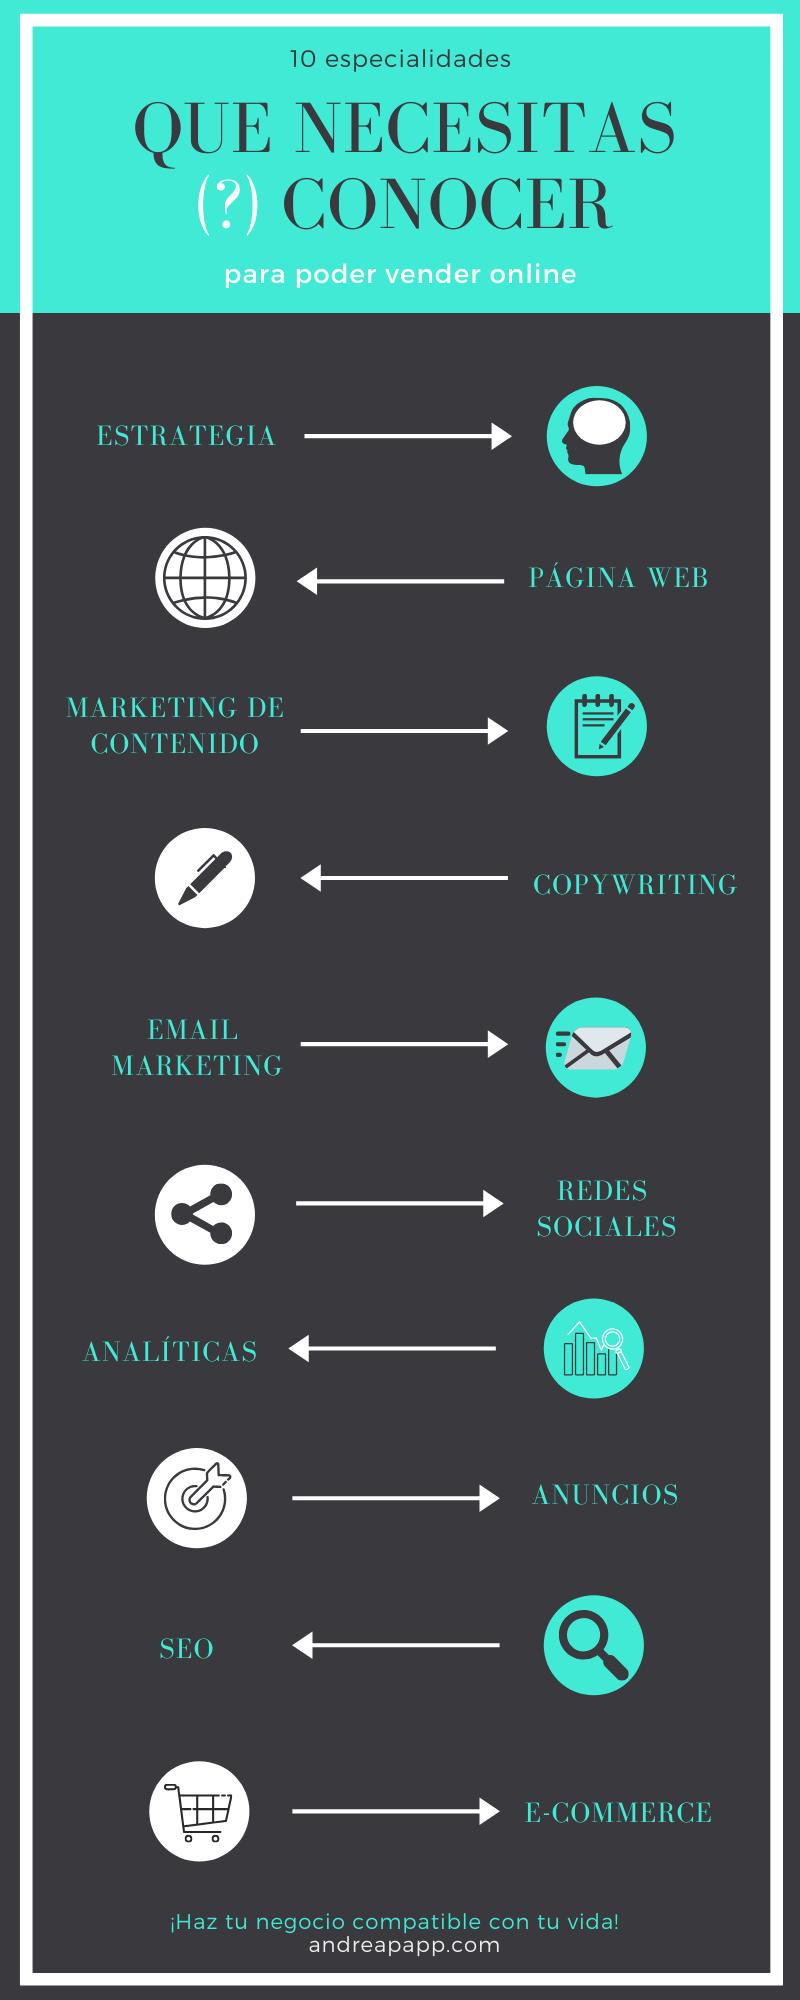 10+1 especialidades que necesitas (?) conocer para vender online